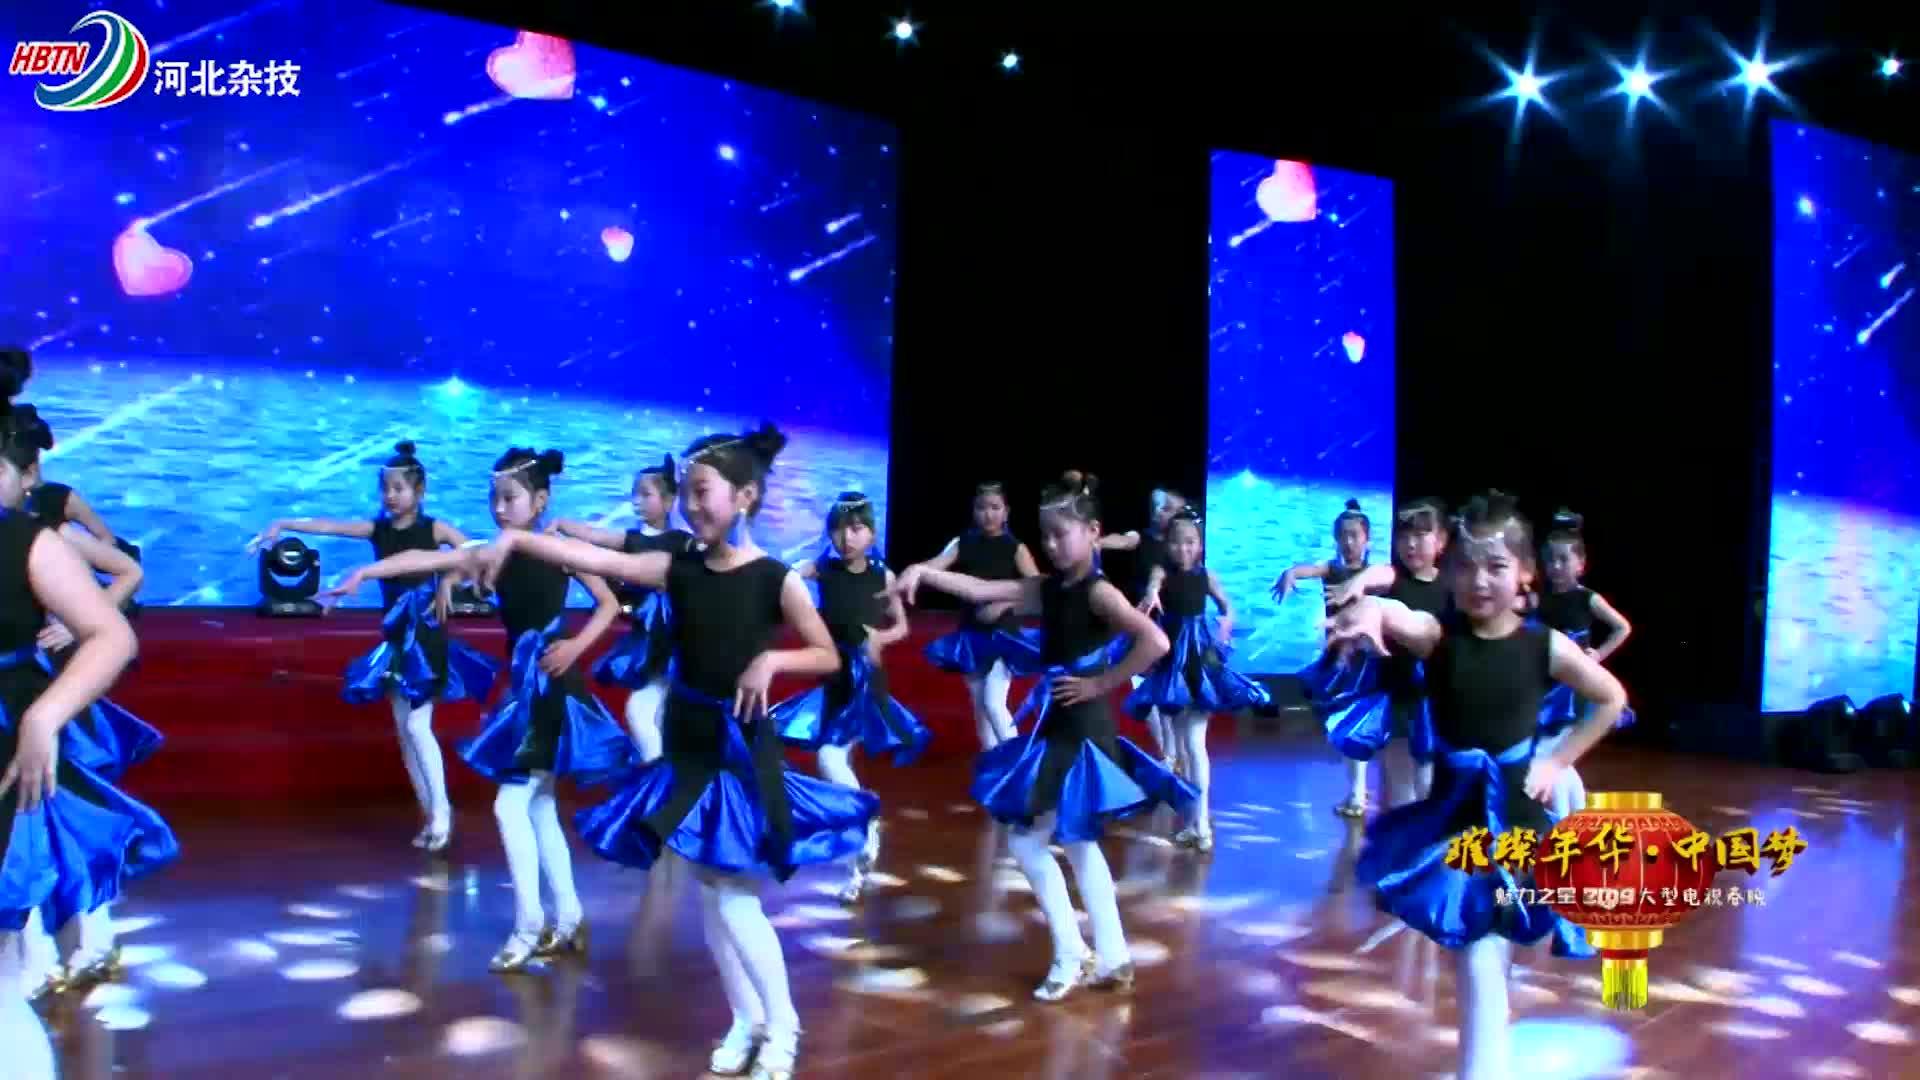 温柔版拉丁舞,专业的舞步,标准的手势,真是百看不厌!